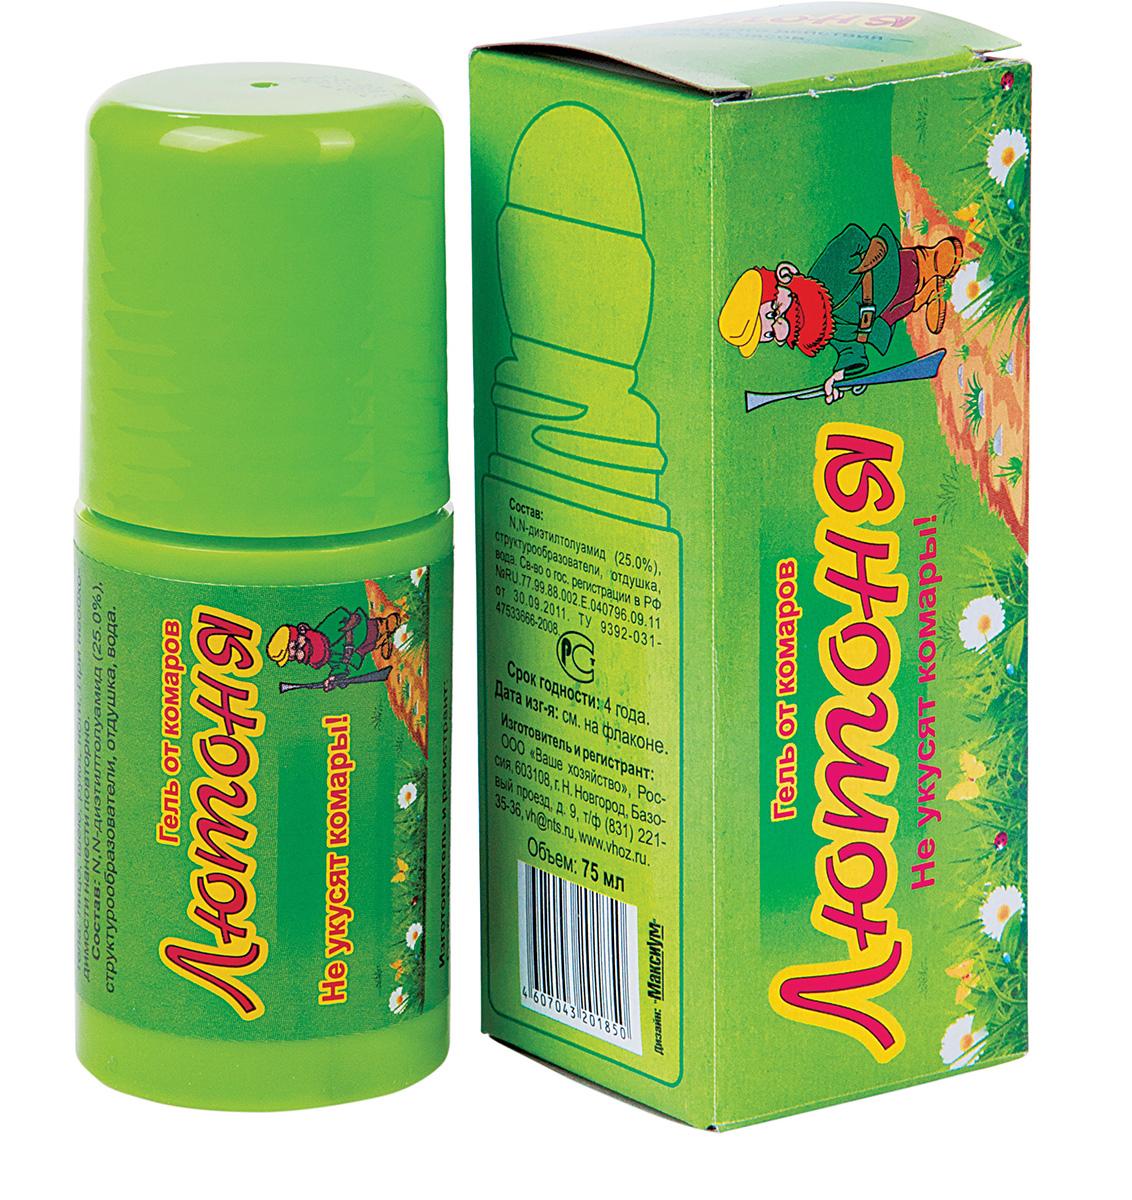 Гель-роллер от комаров Ваше хозяйство Лютоня, для взрослых и детей старше 10 лет, 75 мл комплект ваше хозяйство капут фумигатор жидкость от комаров 30 мл